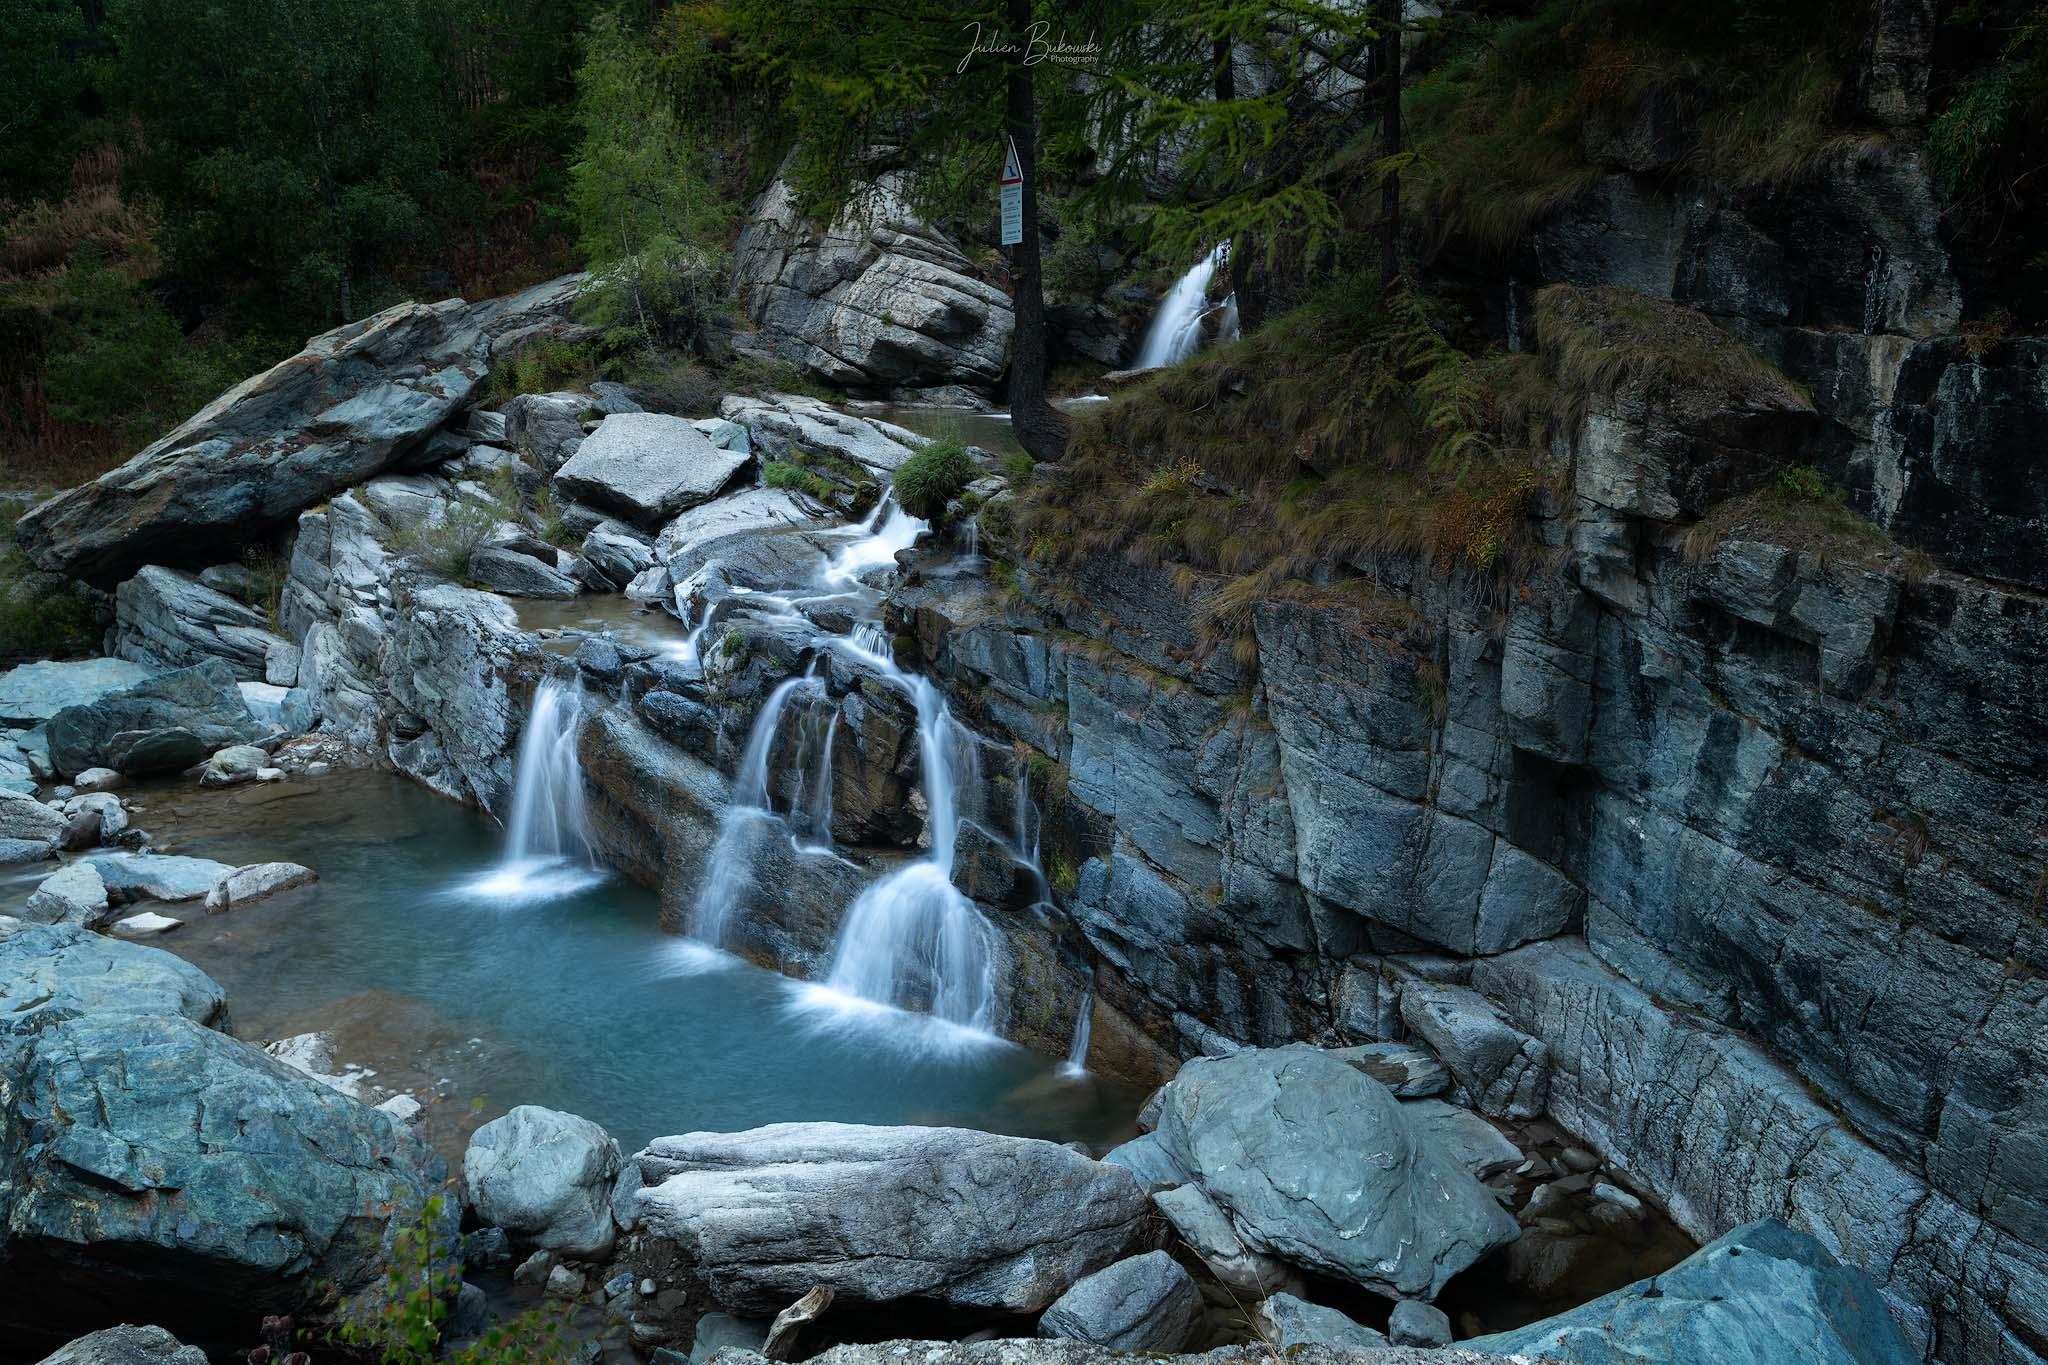 Triplette-Cascades de Lillaz-Italie-Val de Cogne-cascade-Lillaz-Cogne-Italy-Italia-pose longue-long exposure-Julien Bukowski